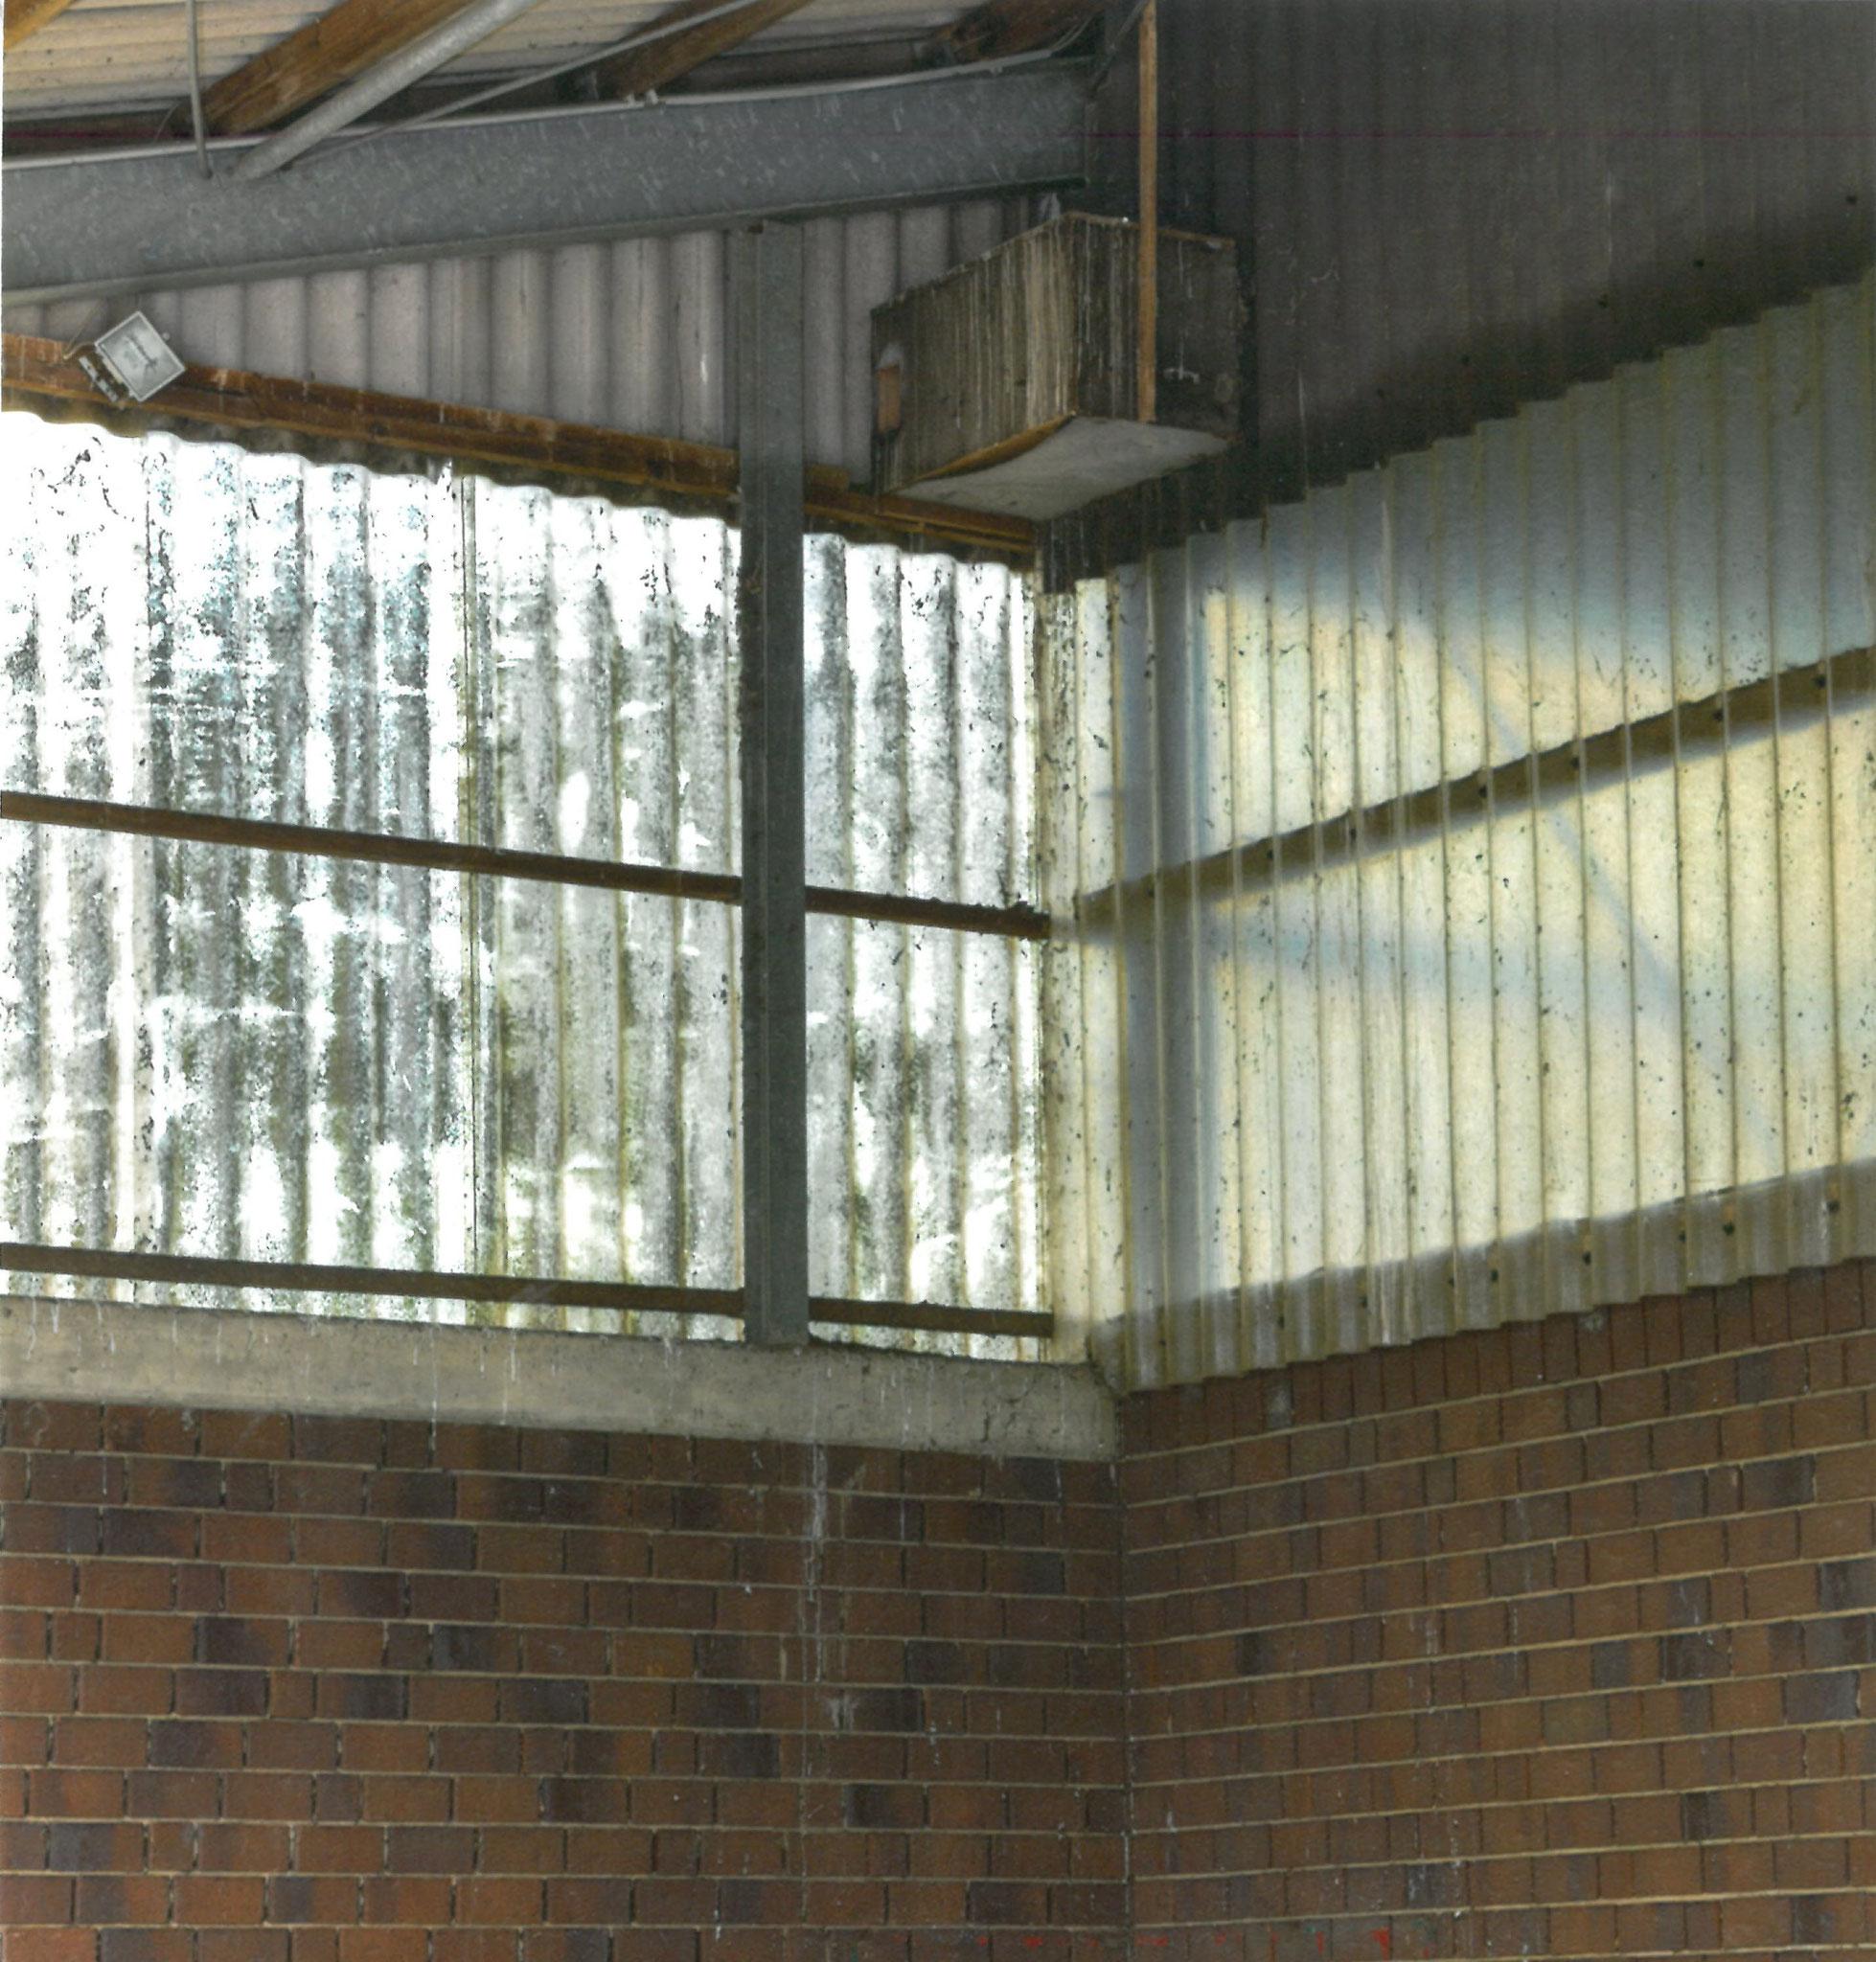 BiSchleiereulen-Nistkasten in der Lagerhalle an der Giebelwand hinter dem Eulenloch – Foto: Justus Röllgen